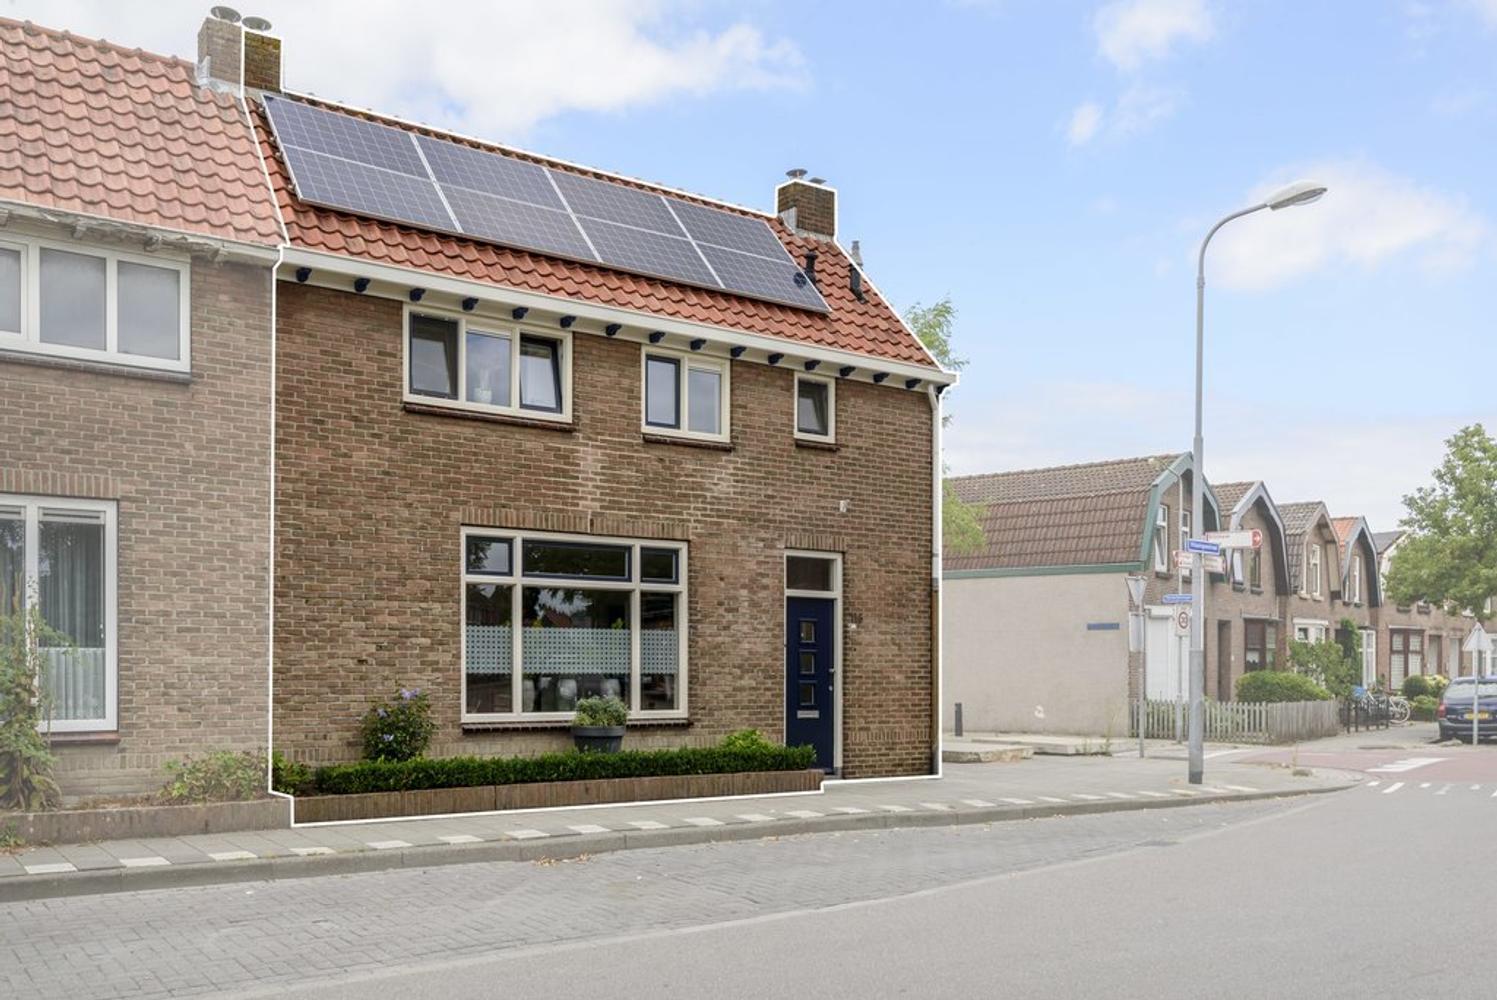 Vlissingsestraat 116 in oost souburg 4388 hg: woonhuis te koop